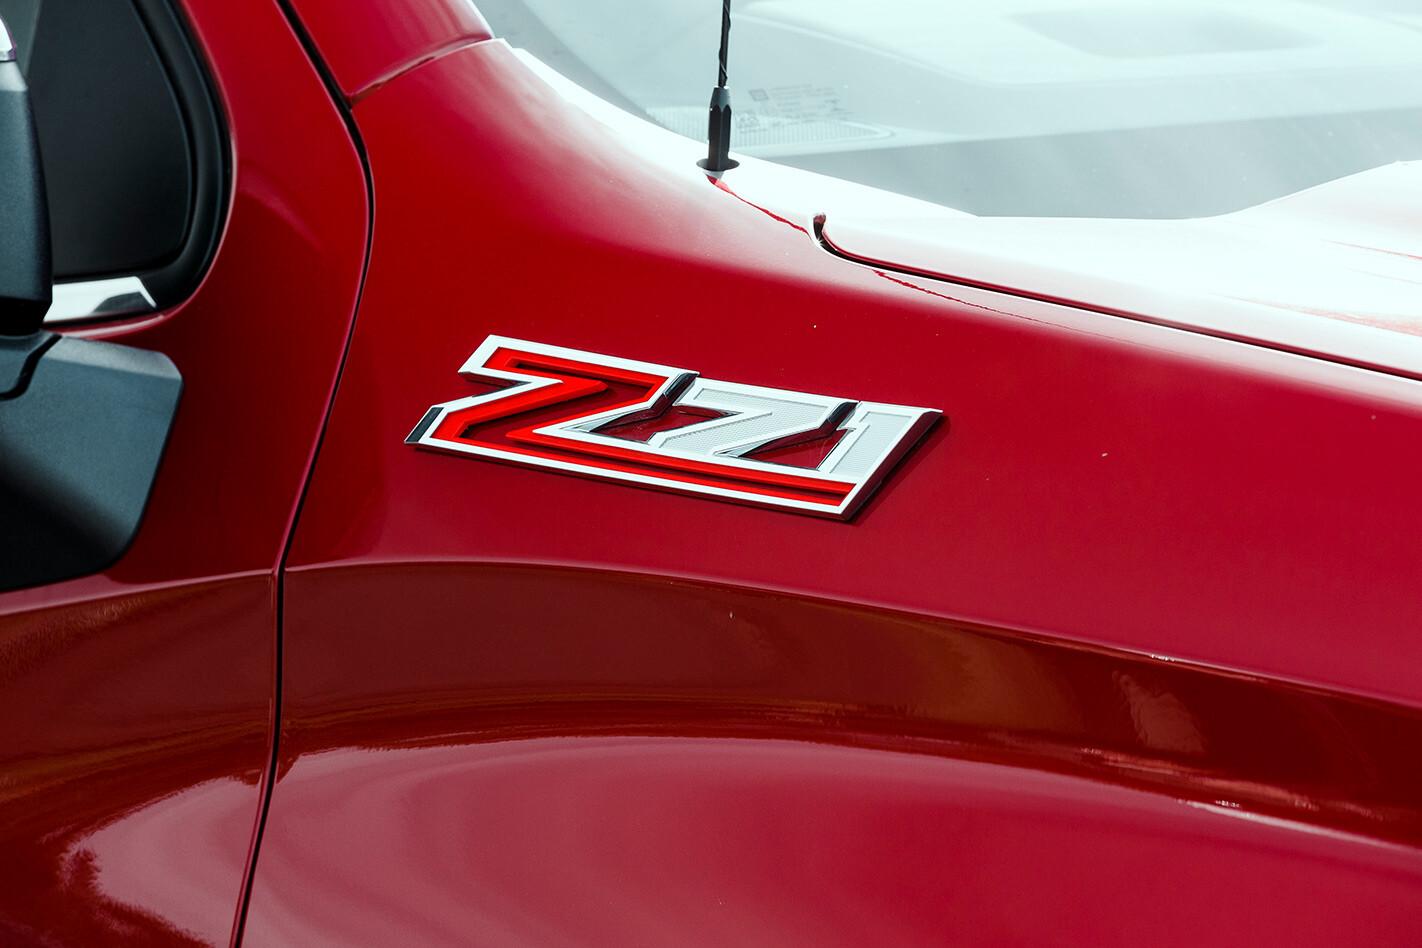 chev silverado zl1 badge